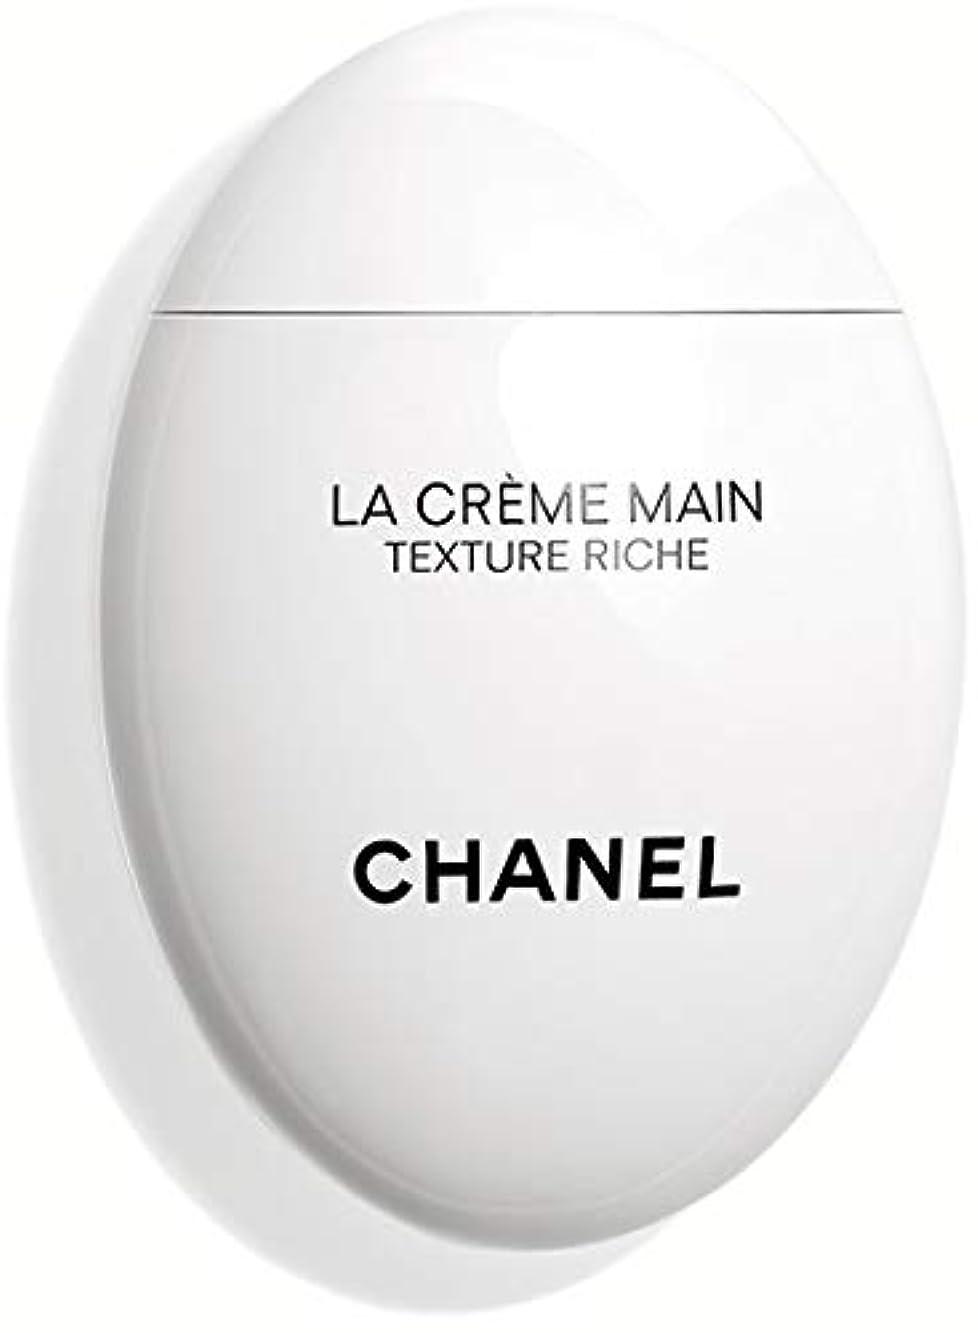 自明乳製品大きなスケールで見るとCHANEL LA CREME MAIN TEXTURE RICHE シャネル ラ クレーム マン リッシュ ハンドクリーム (リッチ)50ml オリジナルラッピング&ショップバッグ